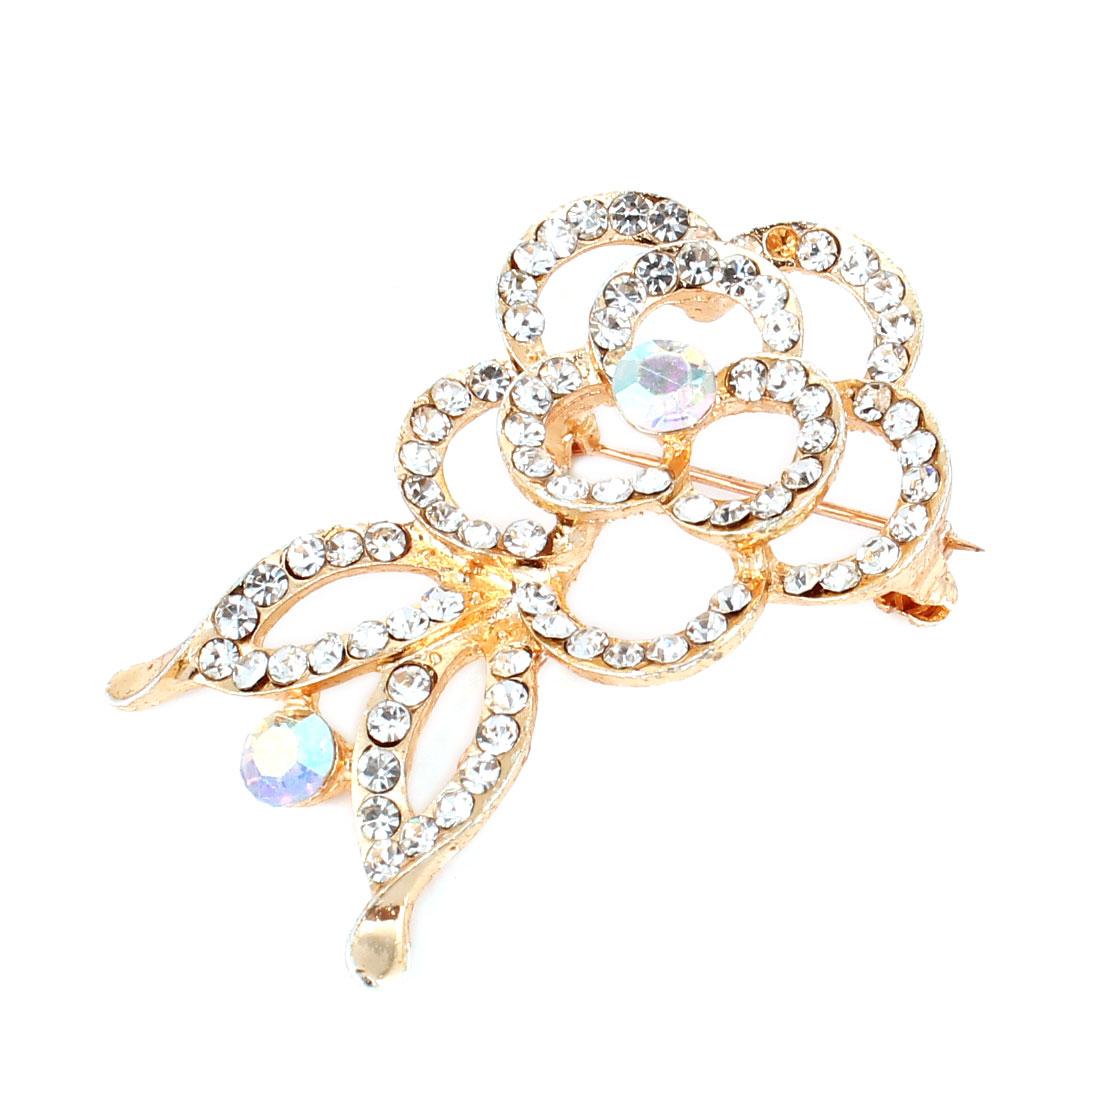 Rhinestone Inlaid Flower Design Gold Tone Wedding Bridal Safety Pin Brooch